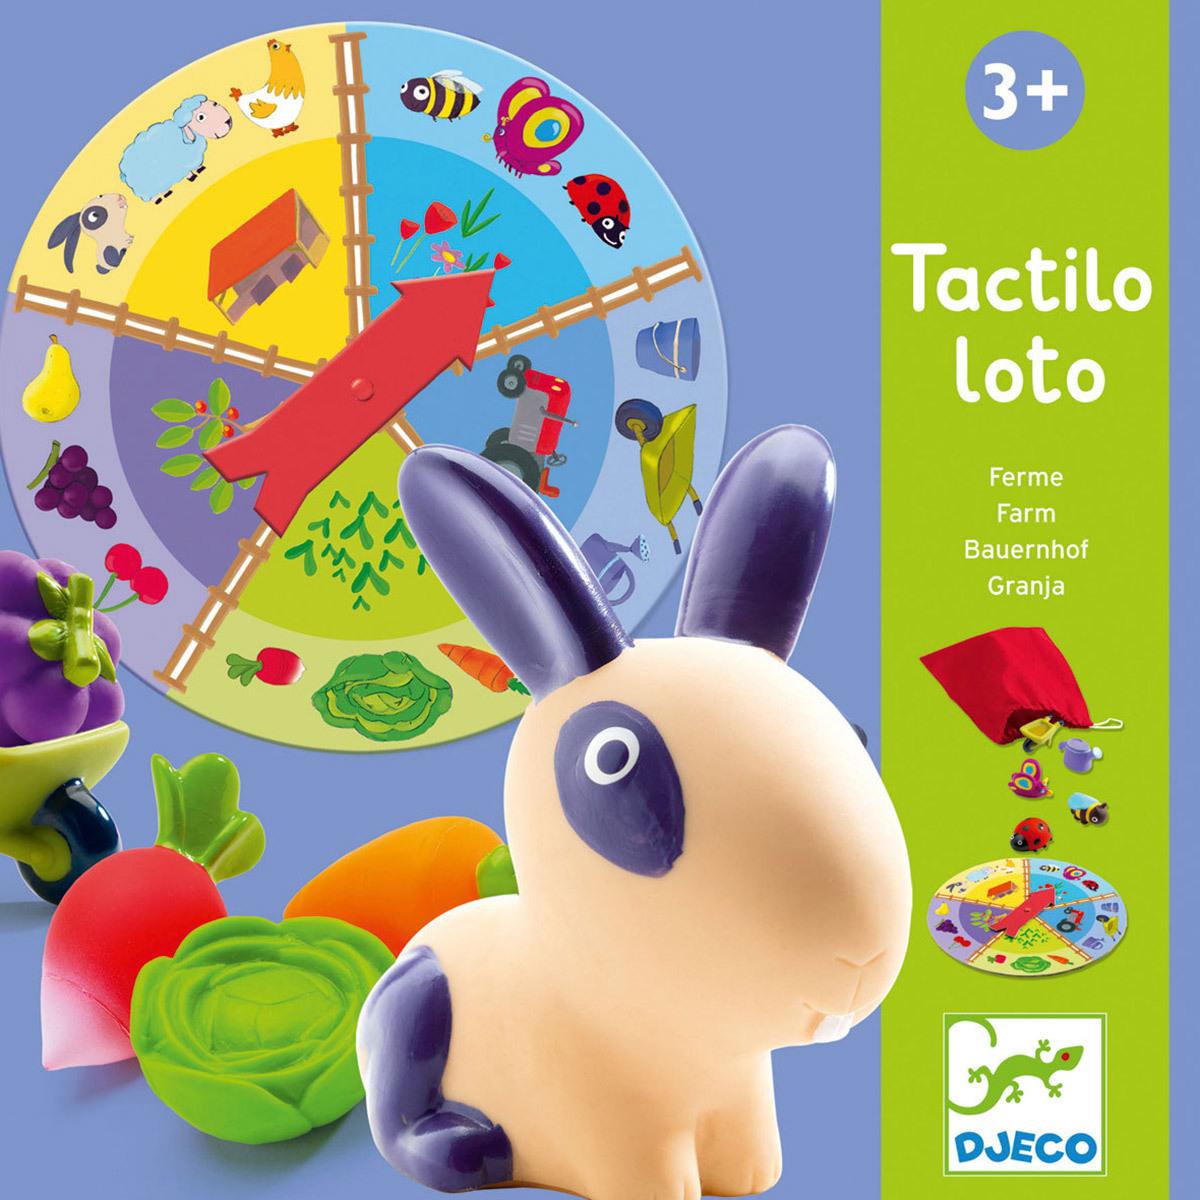 Mes premiers jouets Tactilo Loto Ferme Tactilo Loto Ferme